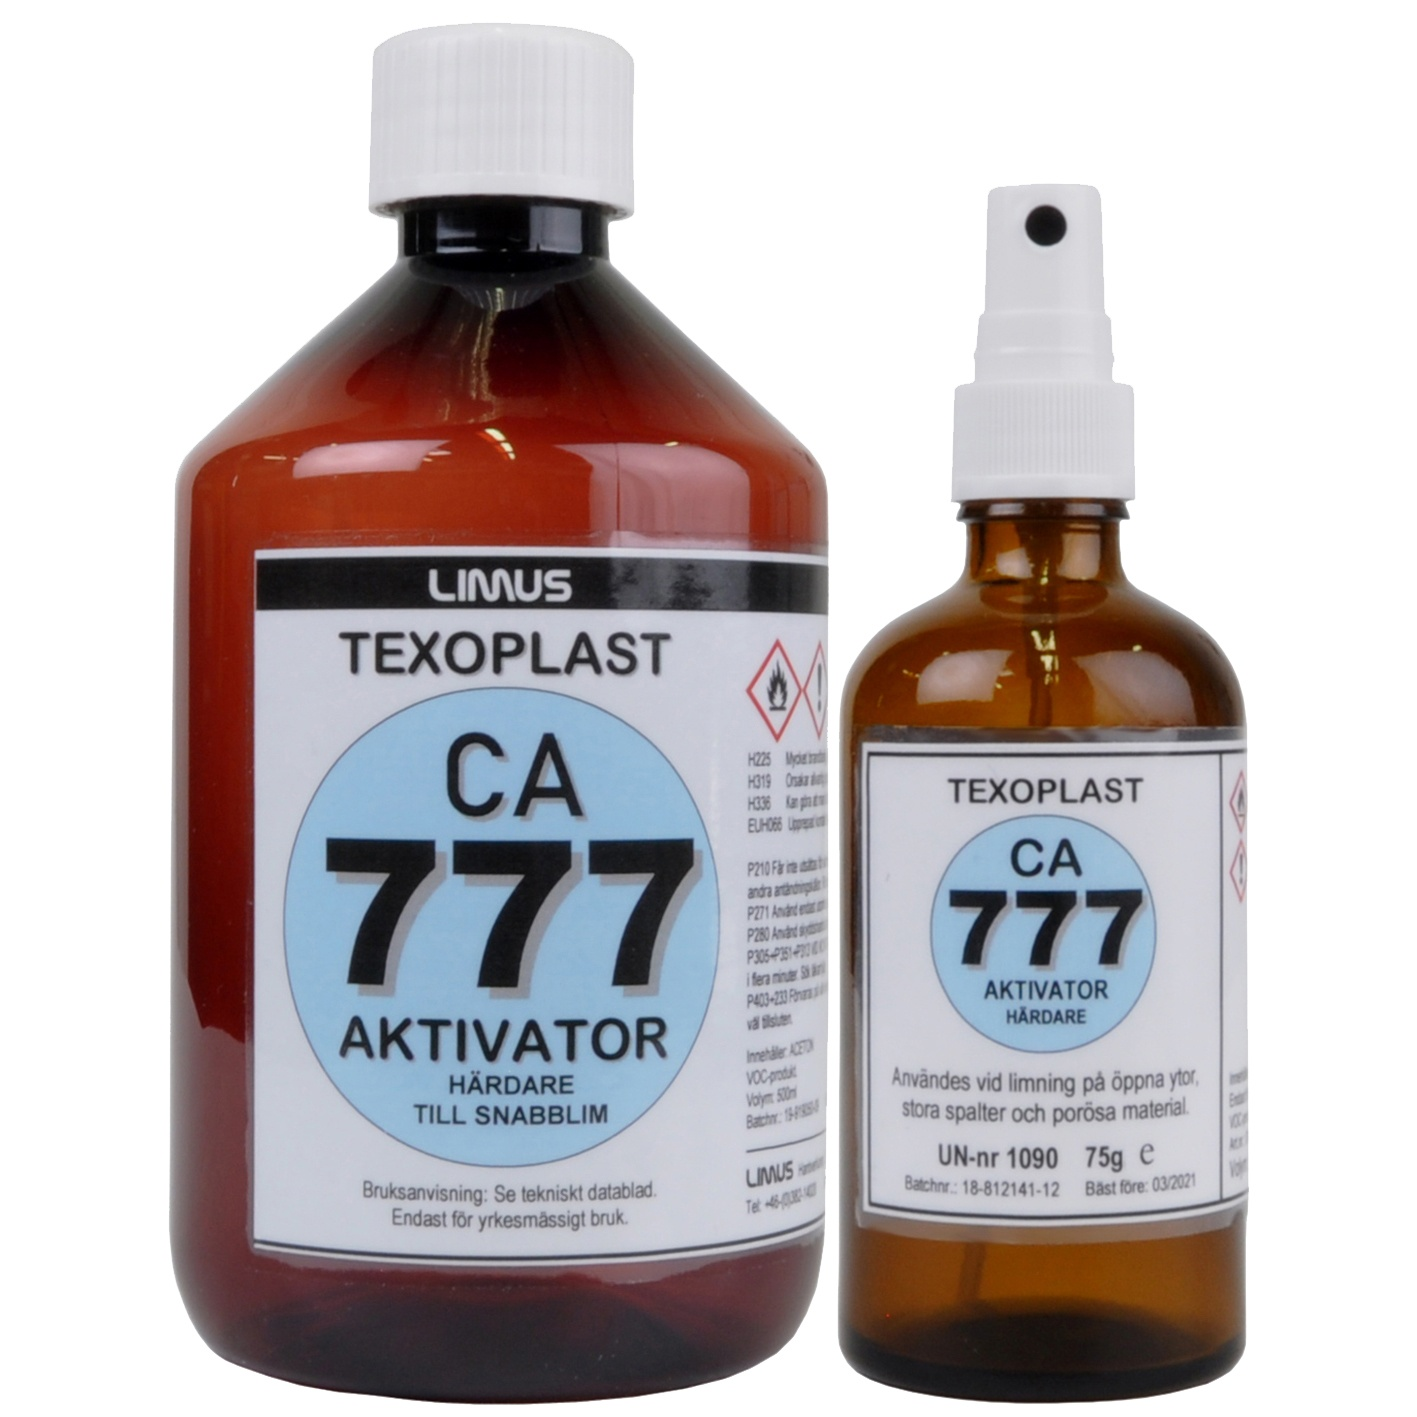 TEXOPLAST CA777